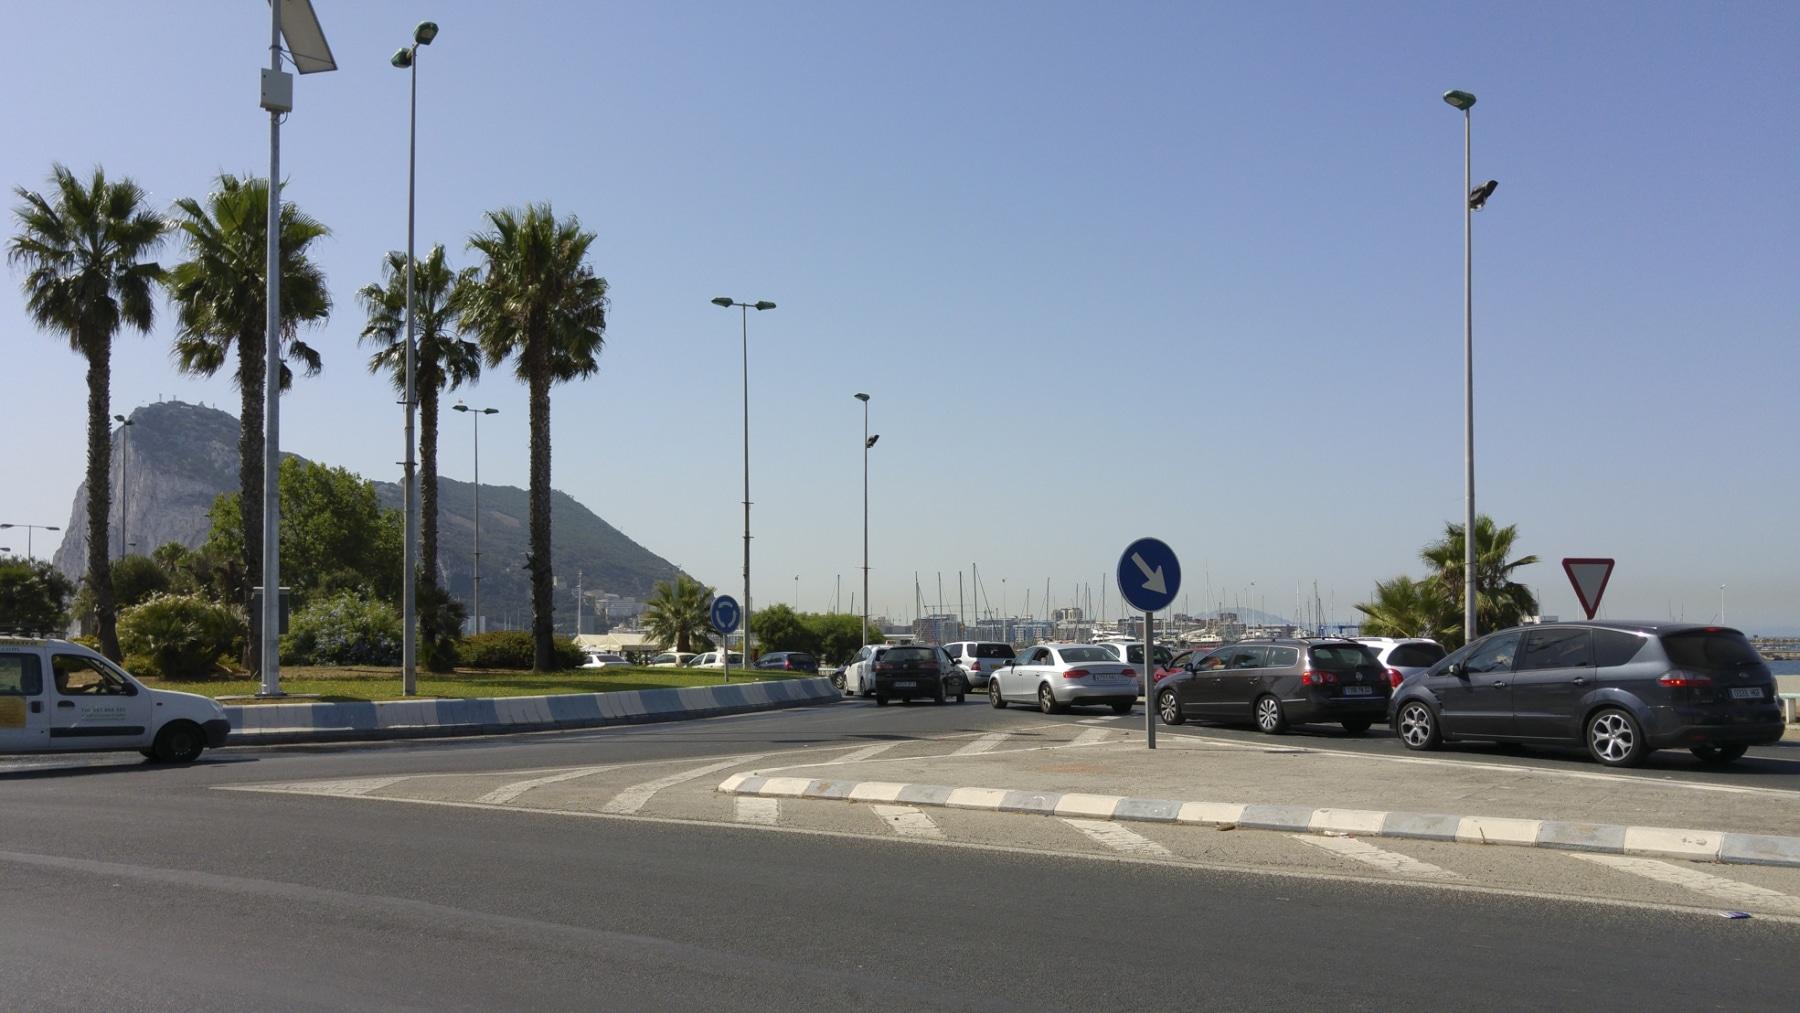 cola-entrada-a-gibraltar-28072015-02_19468708393_o